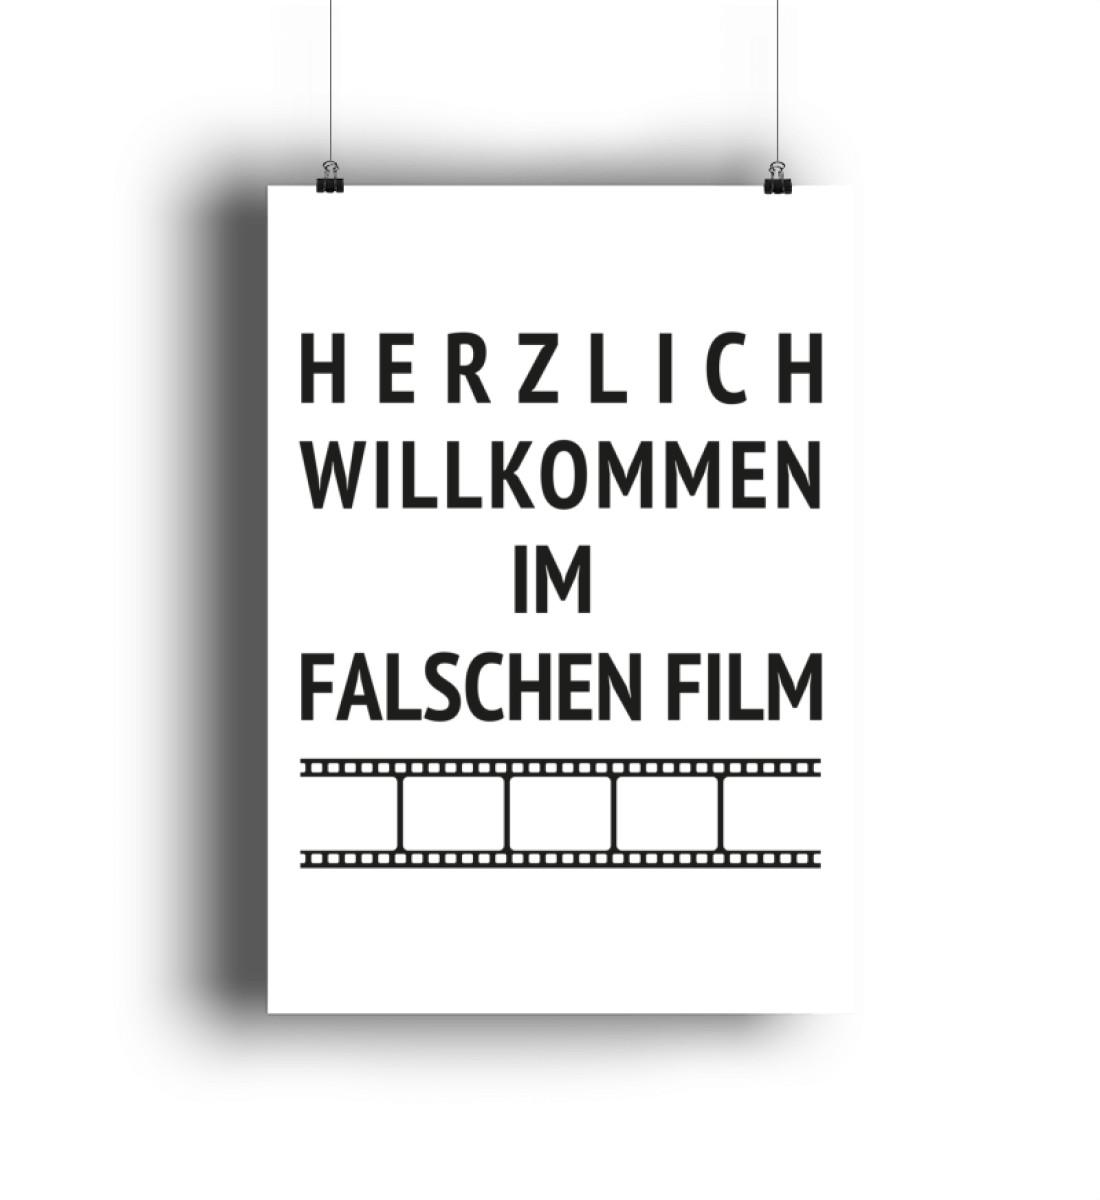 Herzlich Willkommen Im Falschen Film - DIN A2 Poster (hochformat)-3